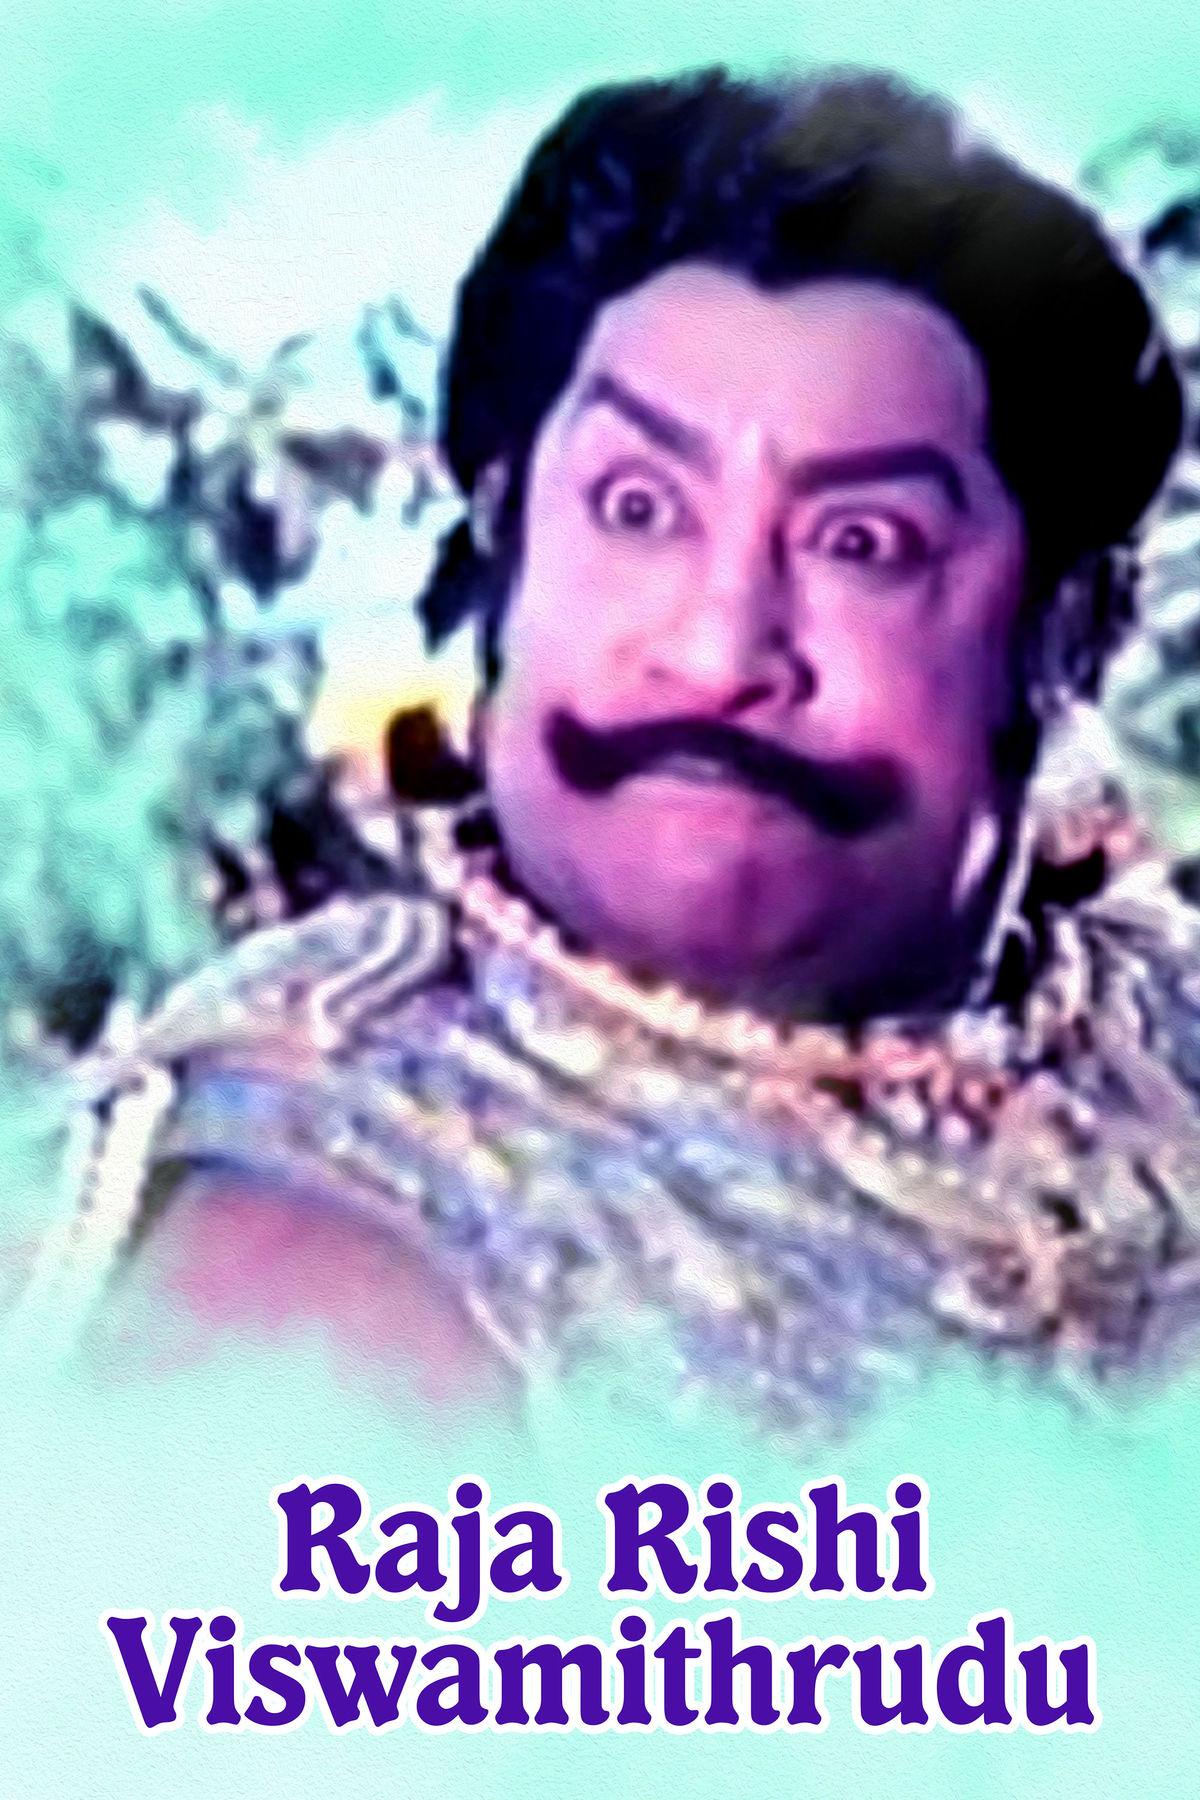 Raja Rishi Viswamithrudu